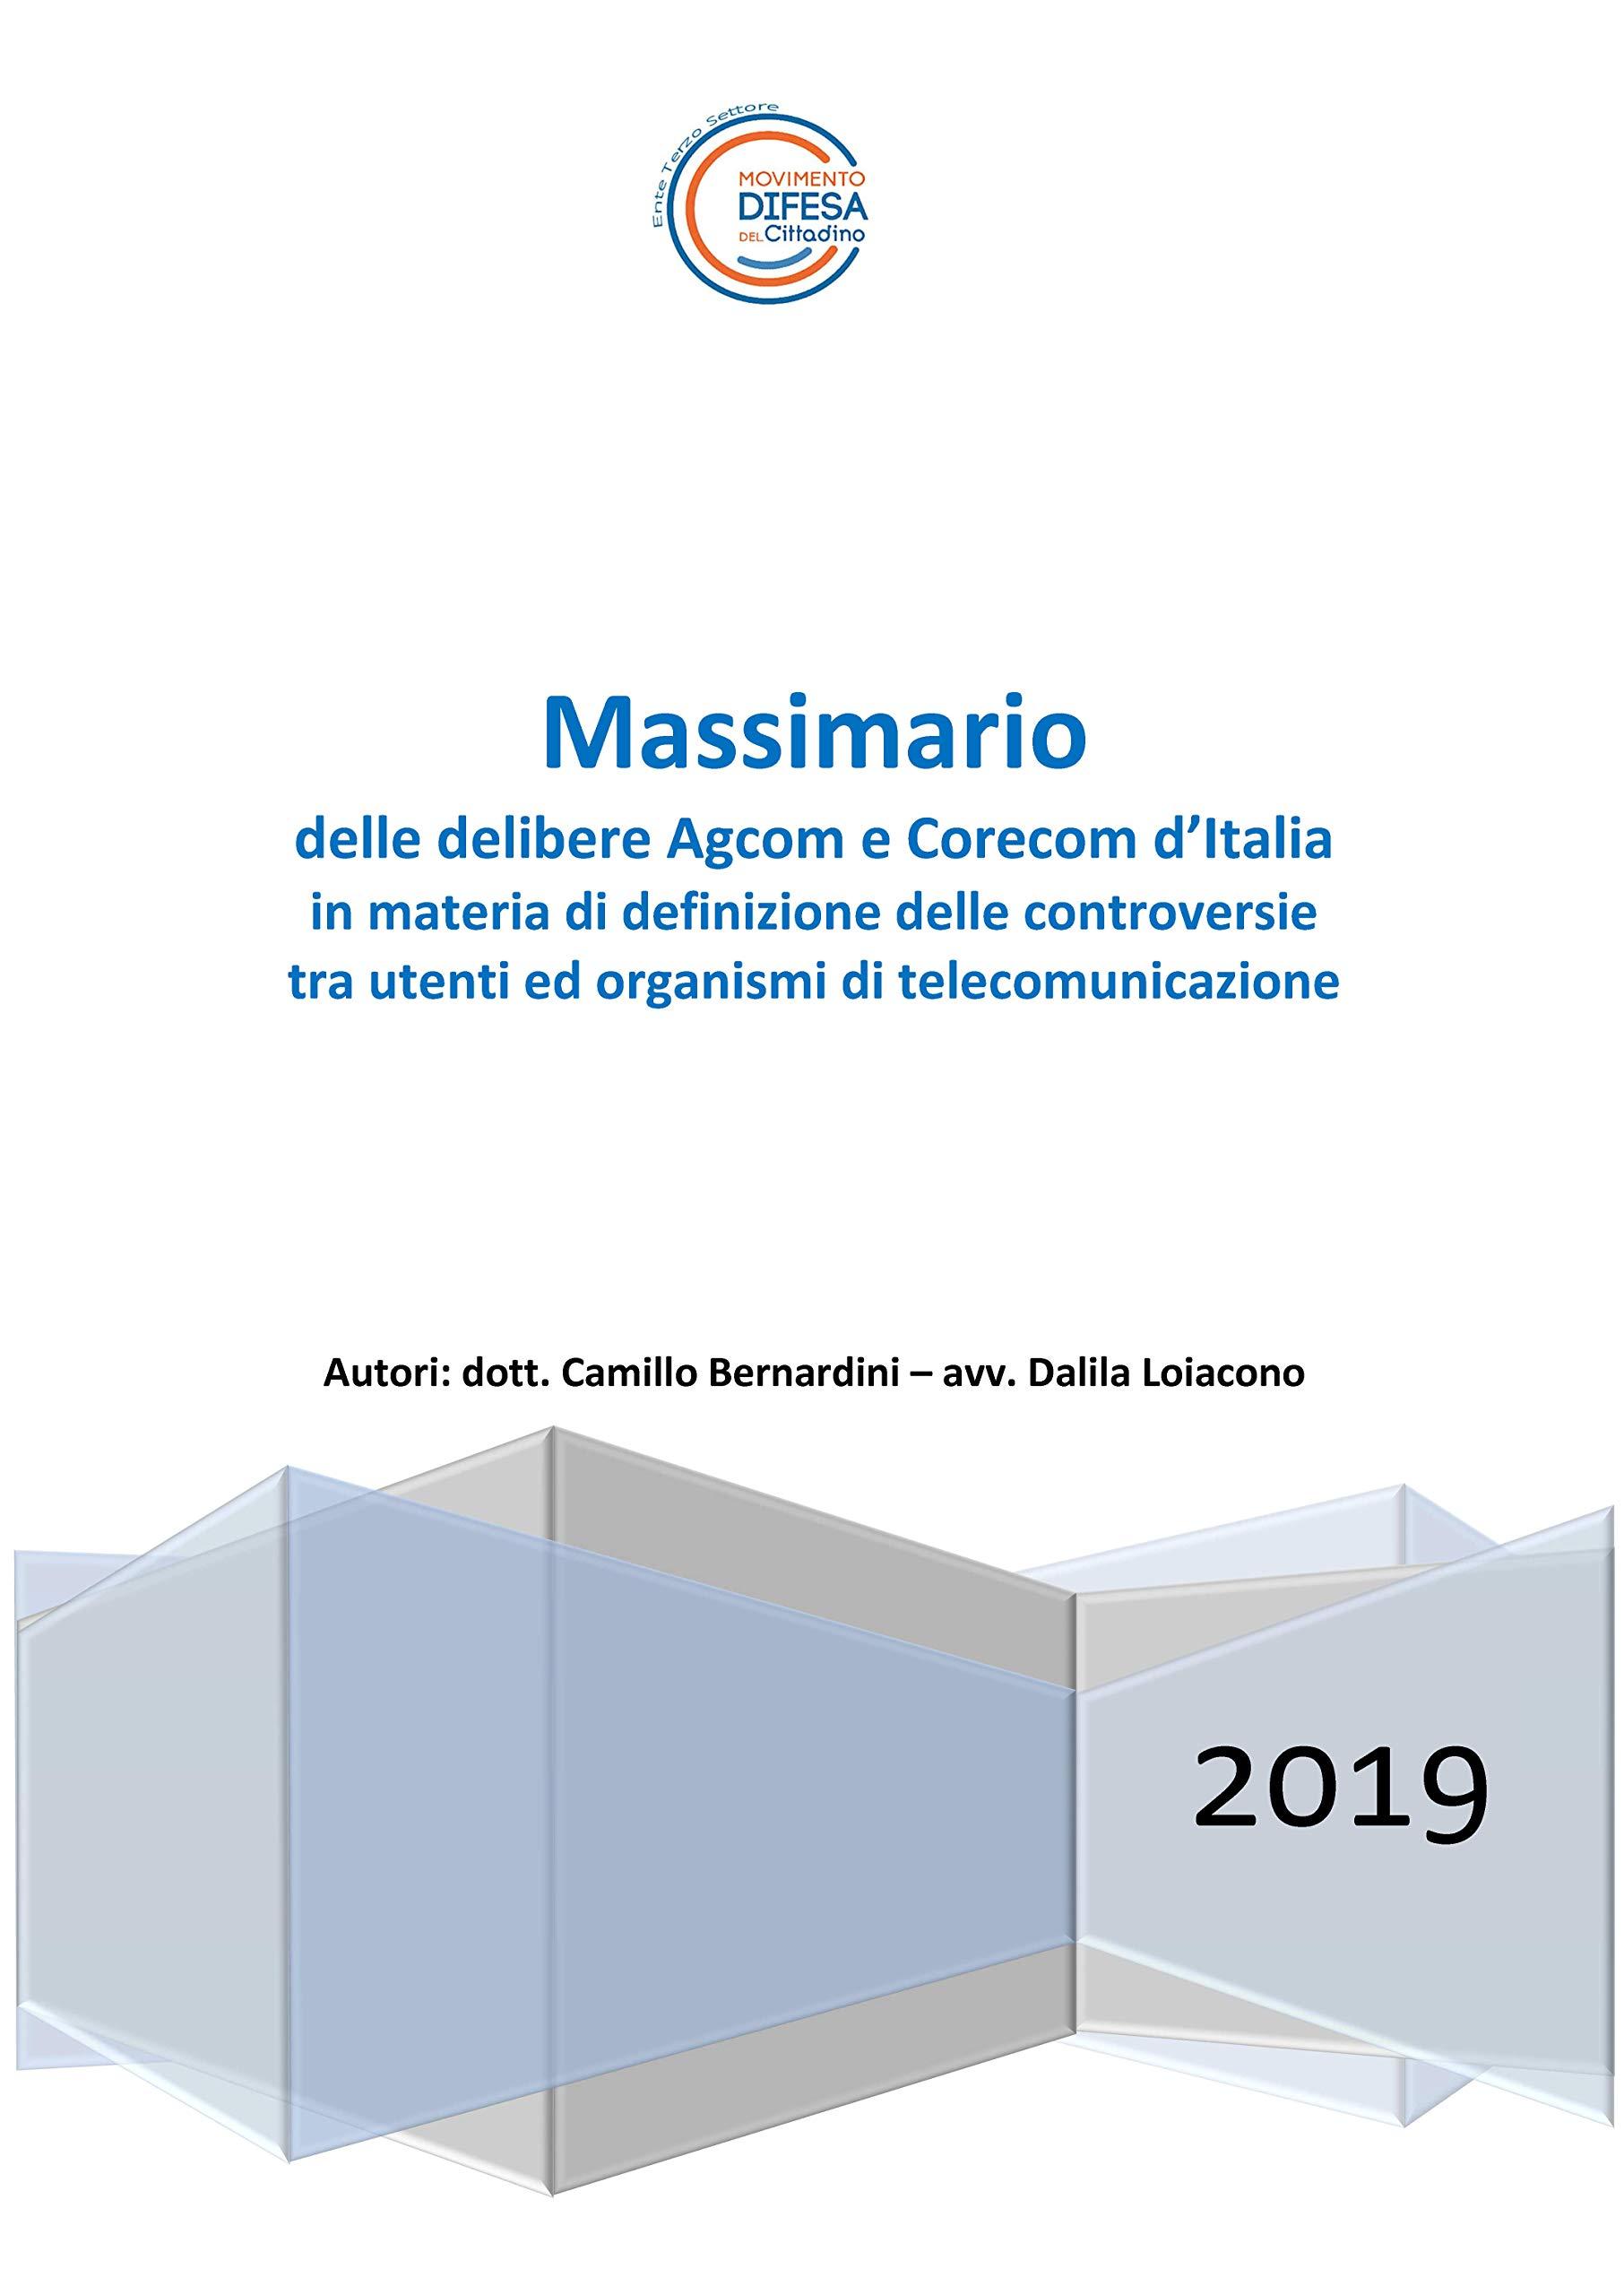 Massimario delle delibere AGCOM e CORECOM d'Italia in materia di definizione delle controversie tra utenti ed organismi di telecomunicazione